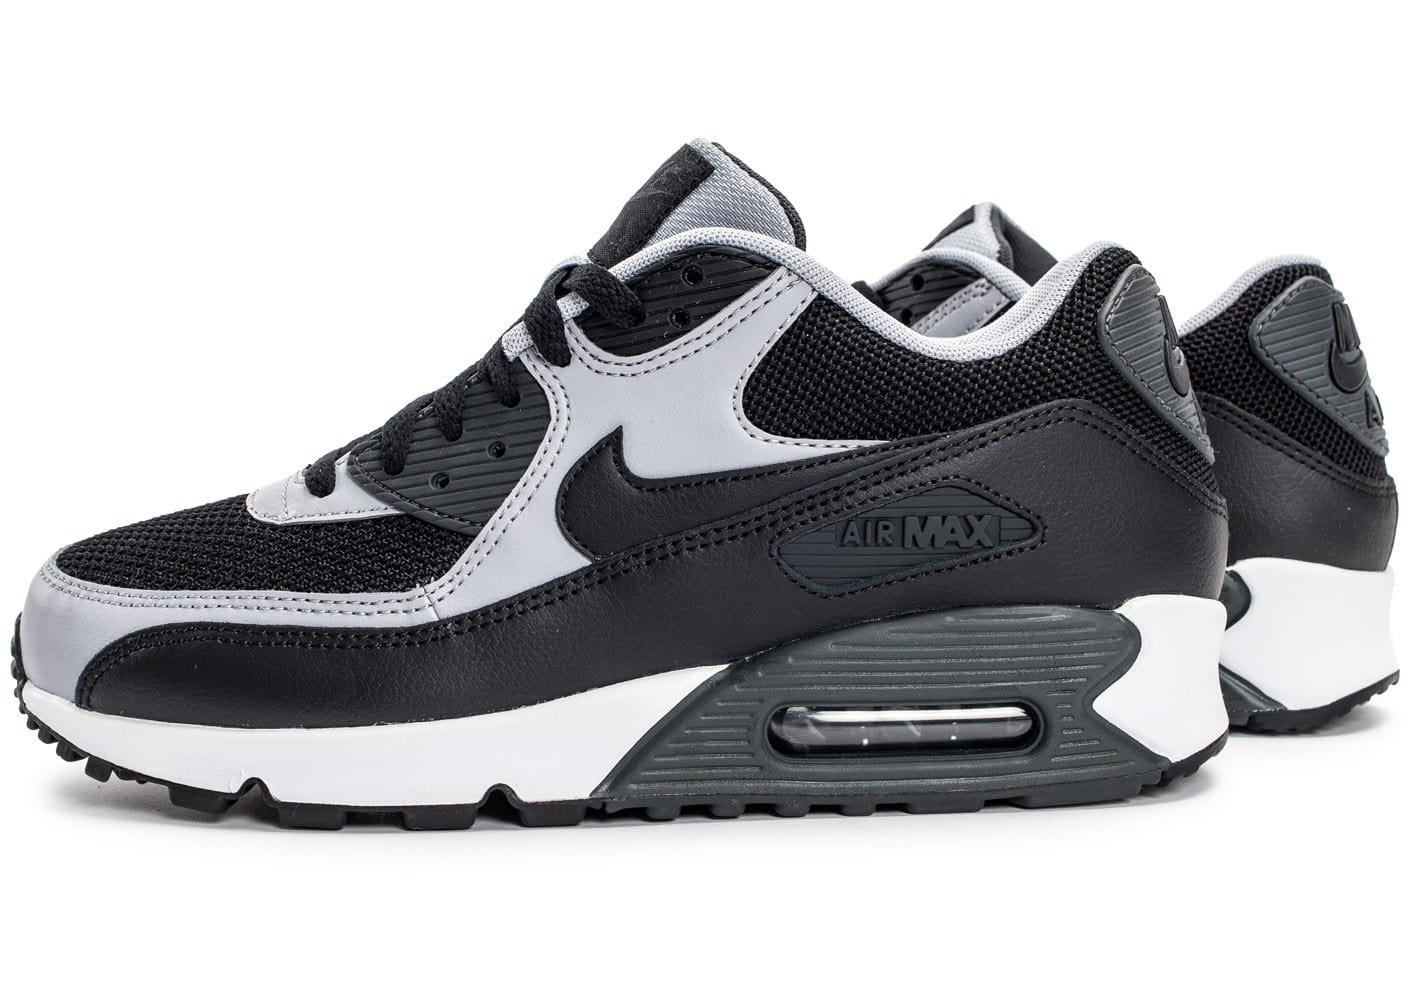 huge discount 1e10c ec7fa Grands baskets discount Nike en ligne à vendre. L authentique vente de air  max 90 noir gris froid France sera aimée par votre coeur.